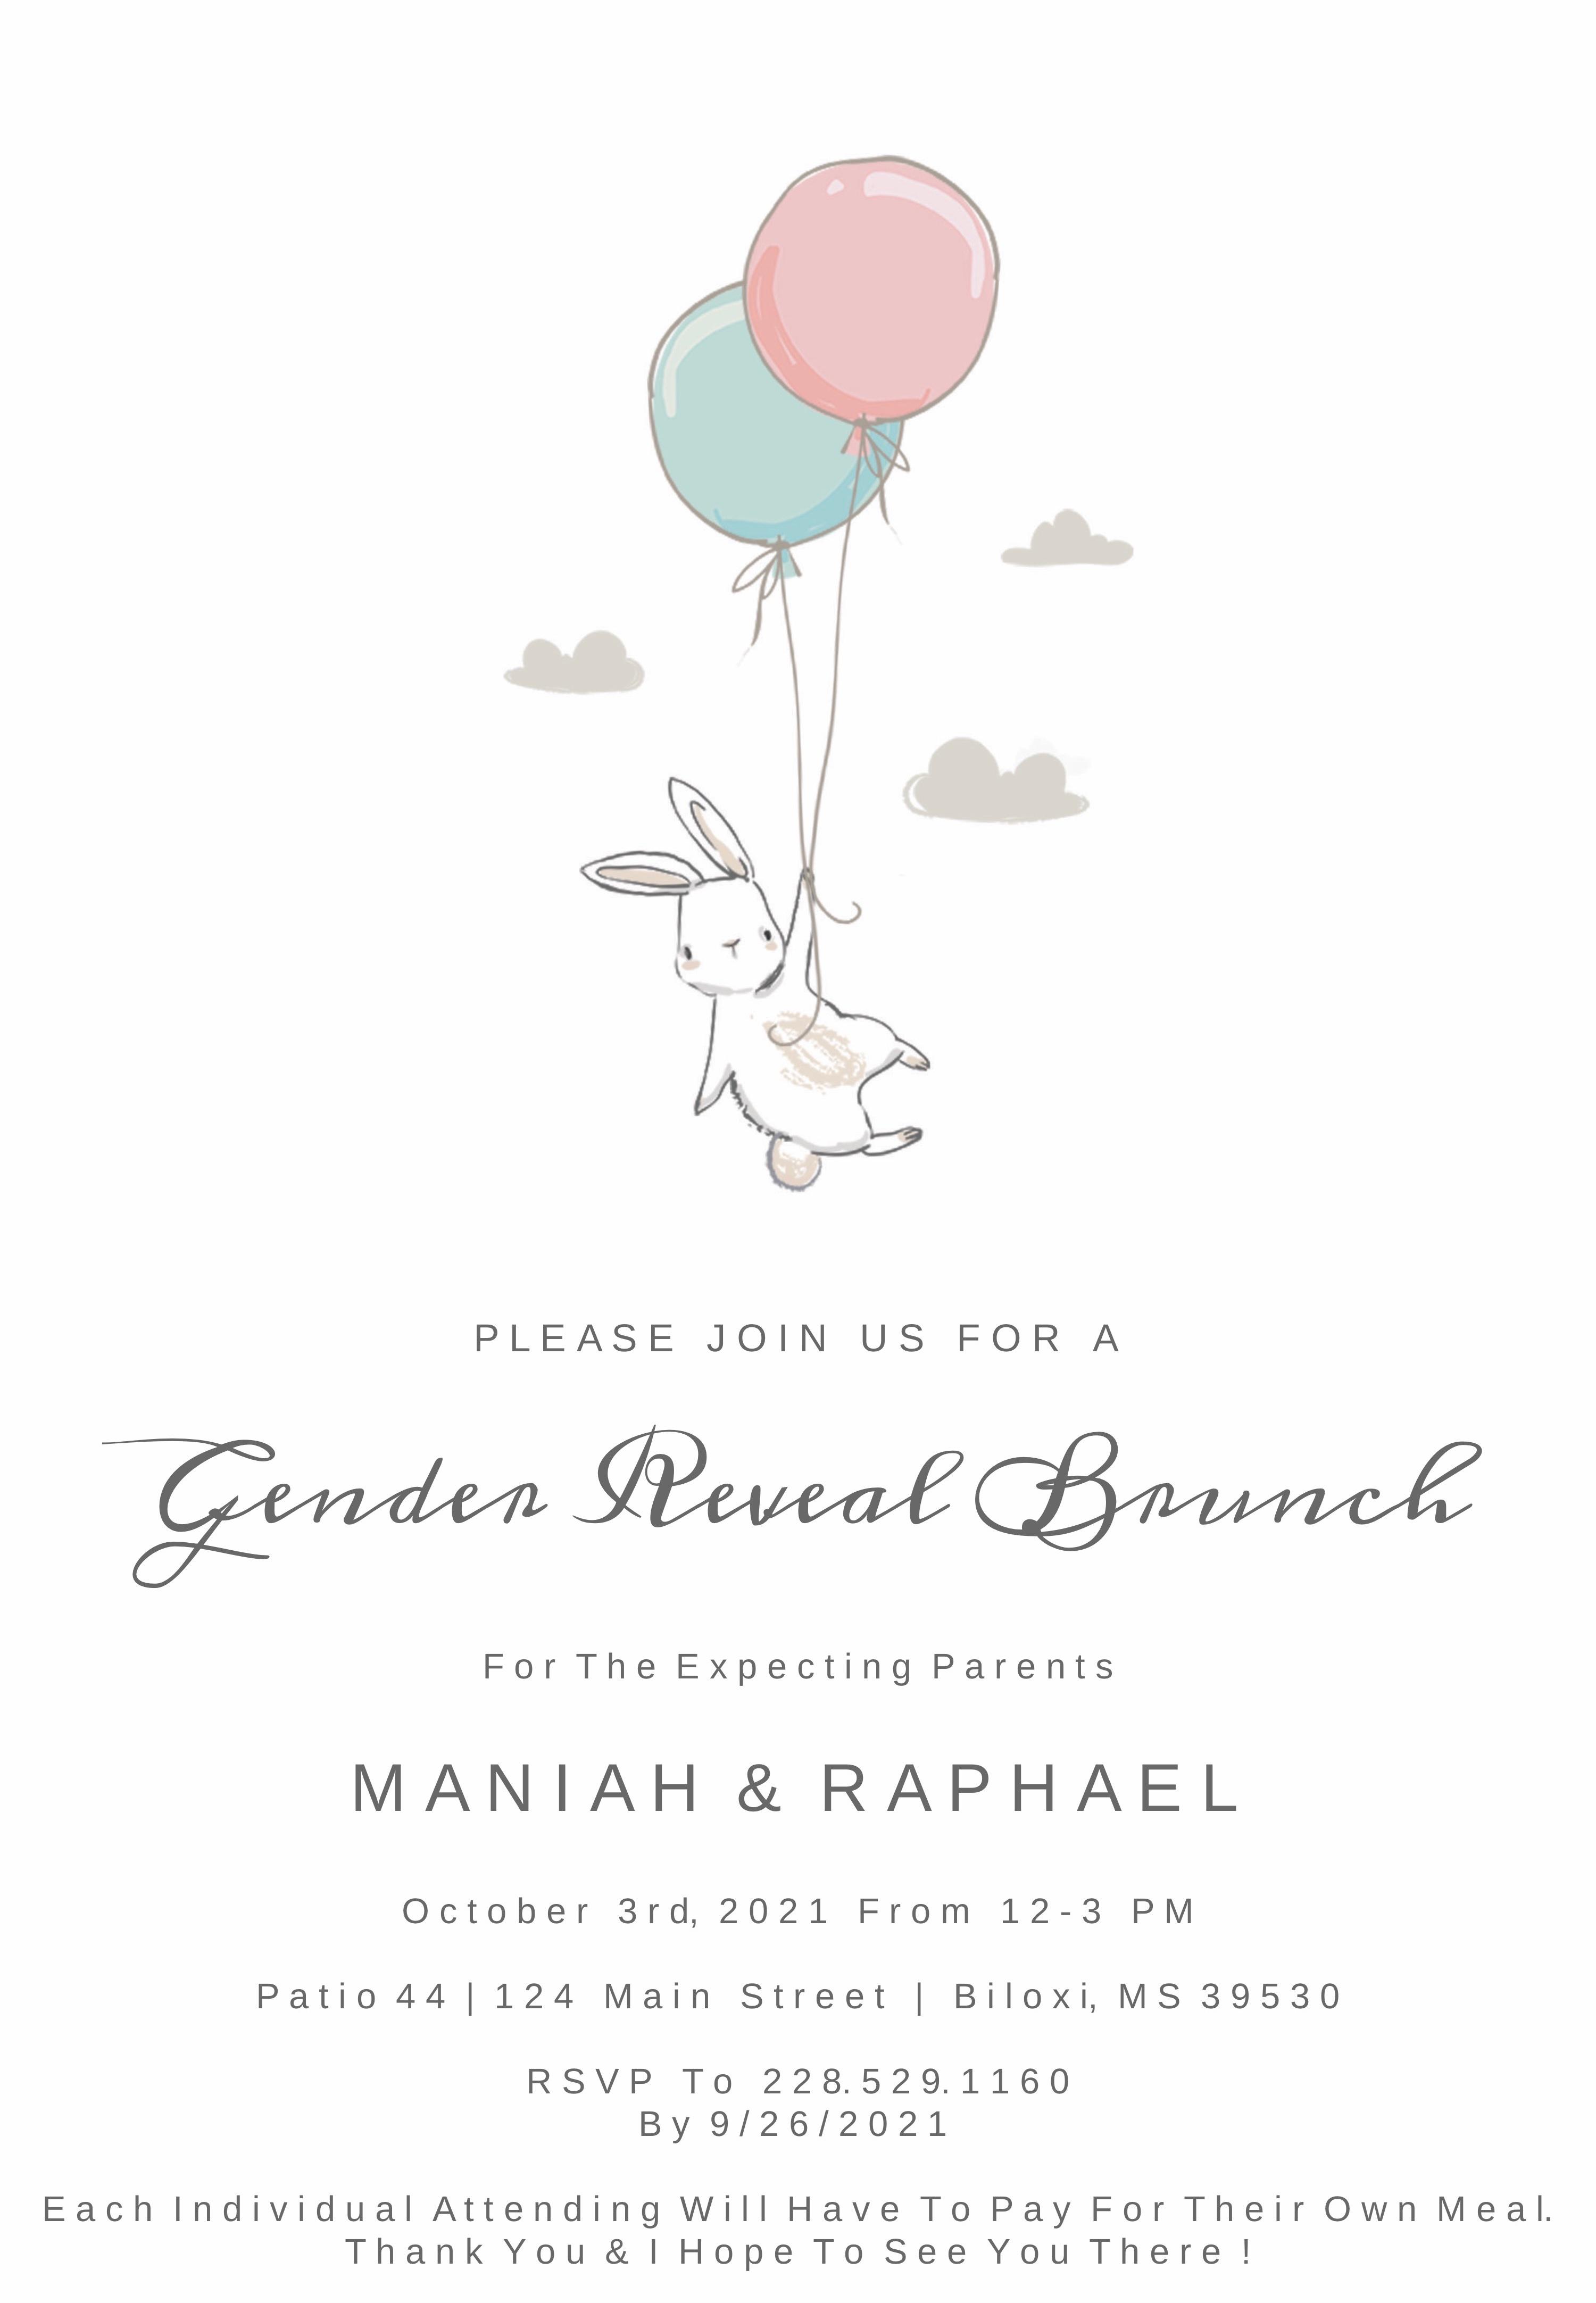 Maniah & Raphael's Gender Reveal Brunch Sign-Up